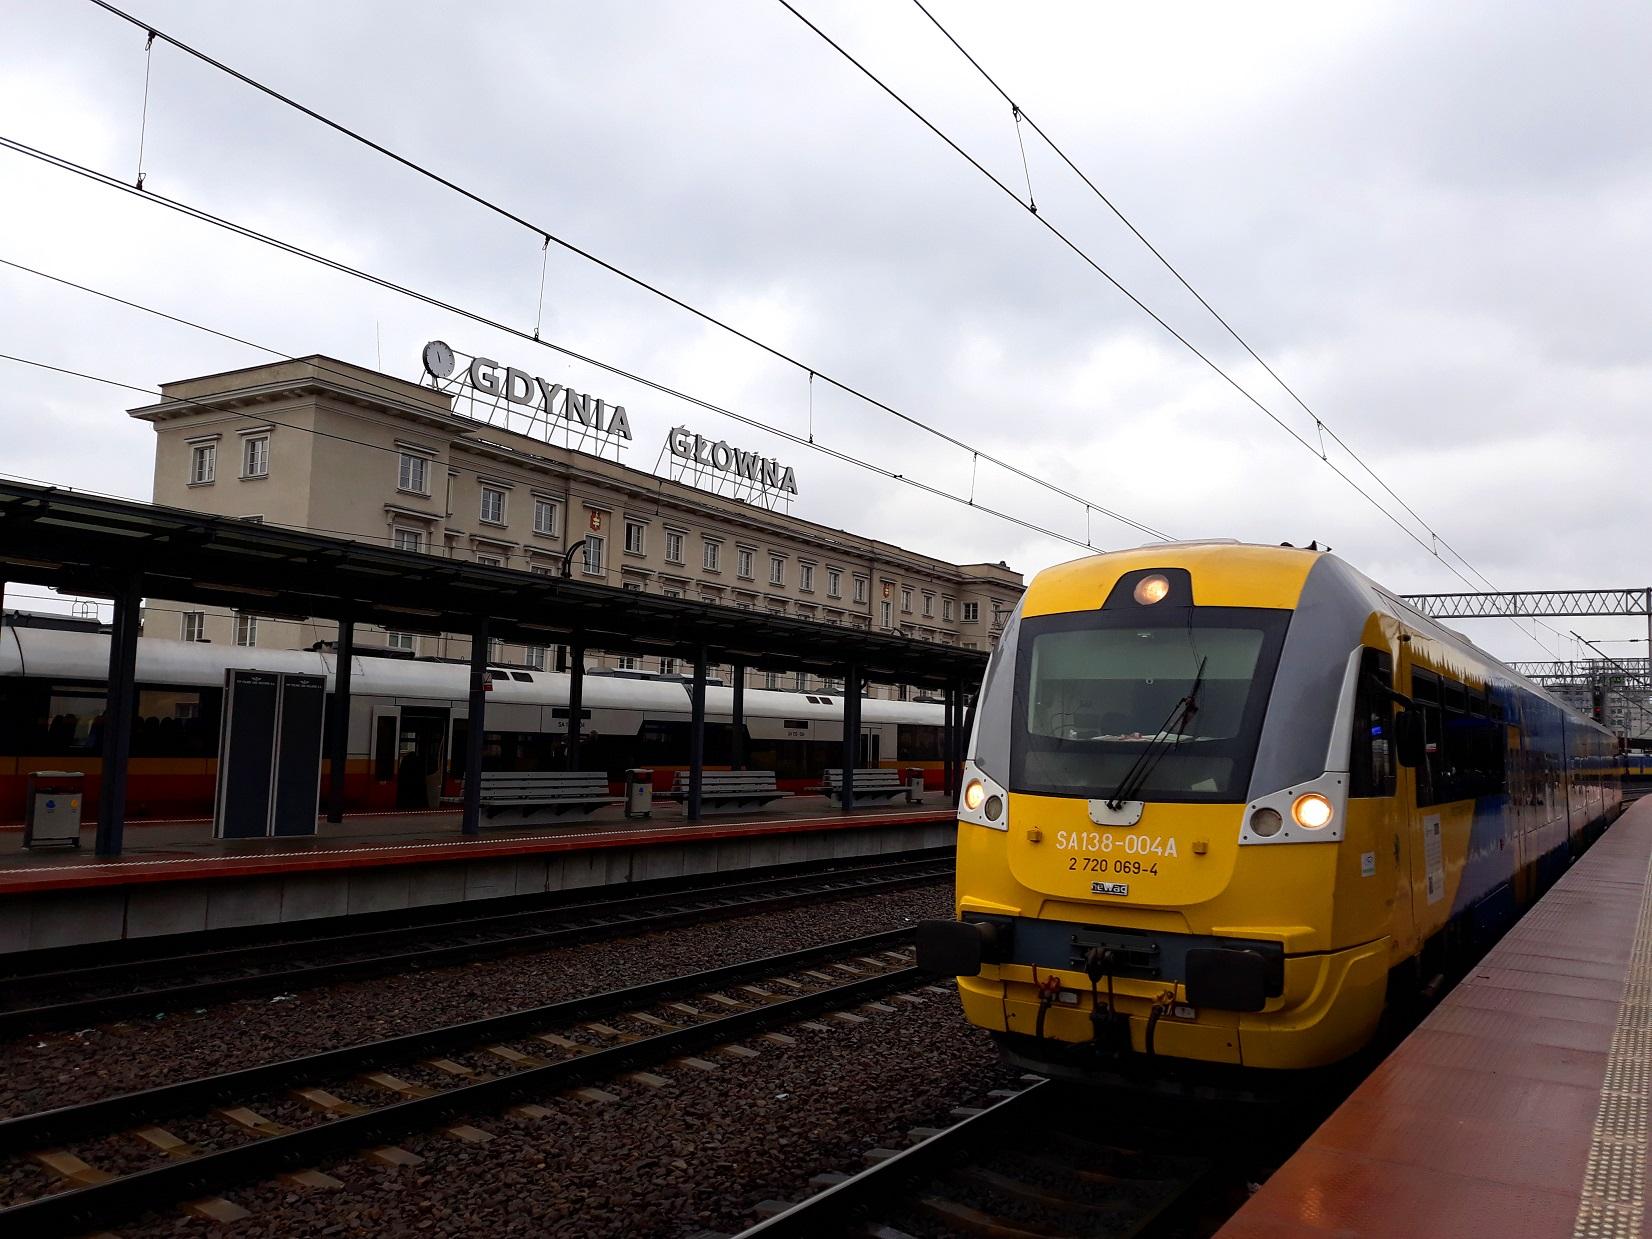 Pociąg Braniewo-Gdynia na stacji docelowej. Fot. POLREGIO